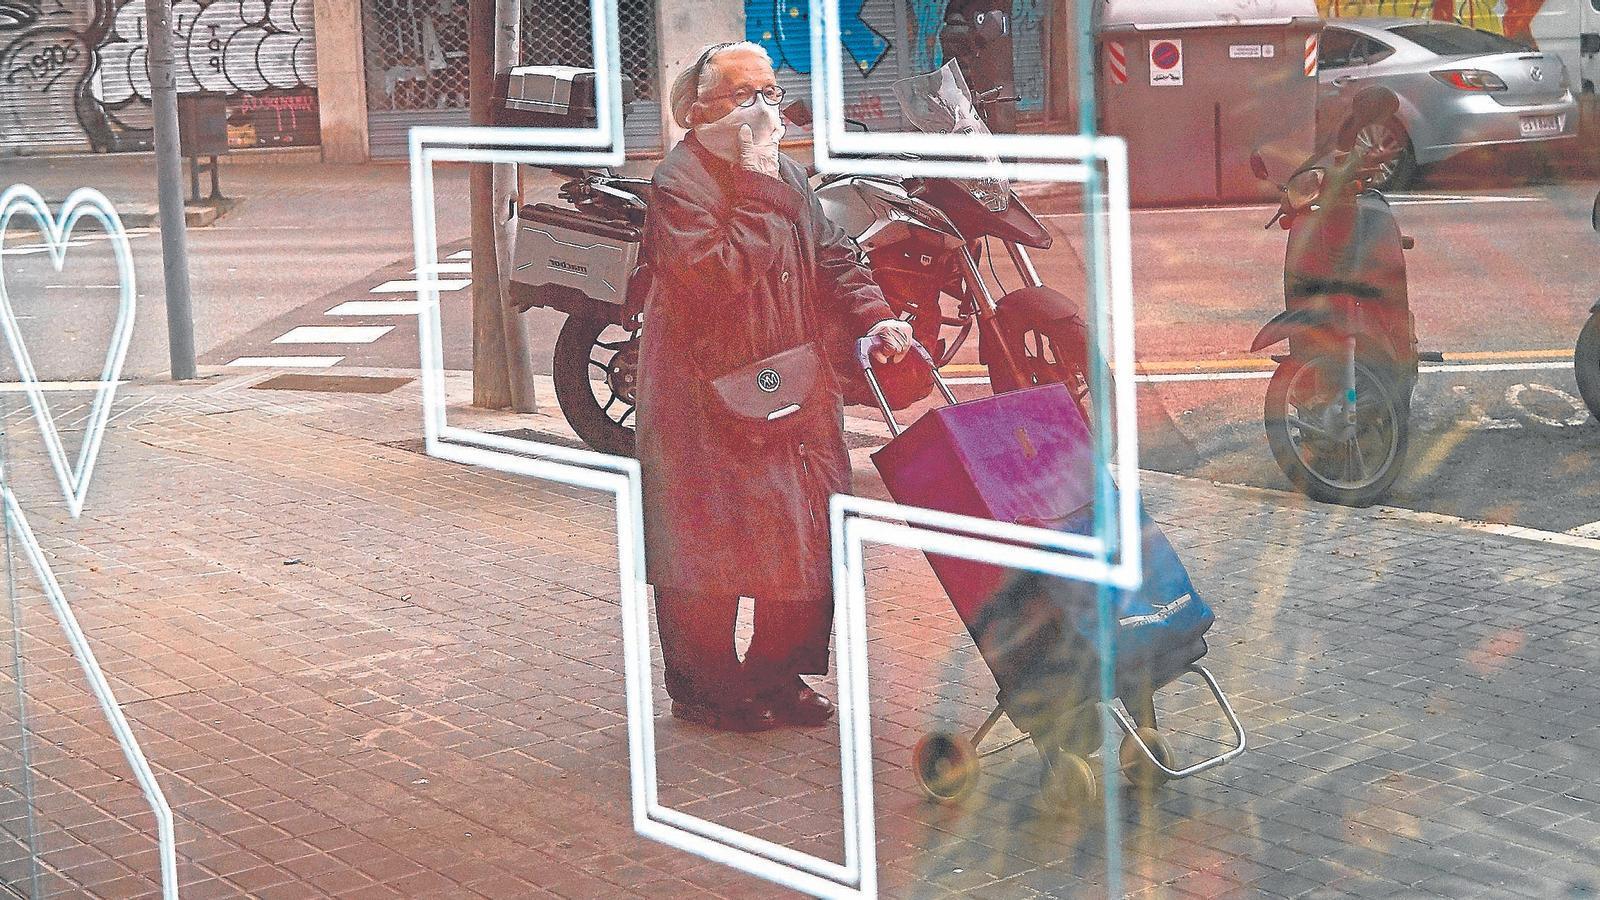 Una dona gran va a comprar amb el carretó i es cobreix la cara amb una mascareta al barri de la Sagrada Família de Barcelona.